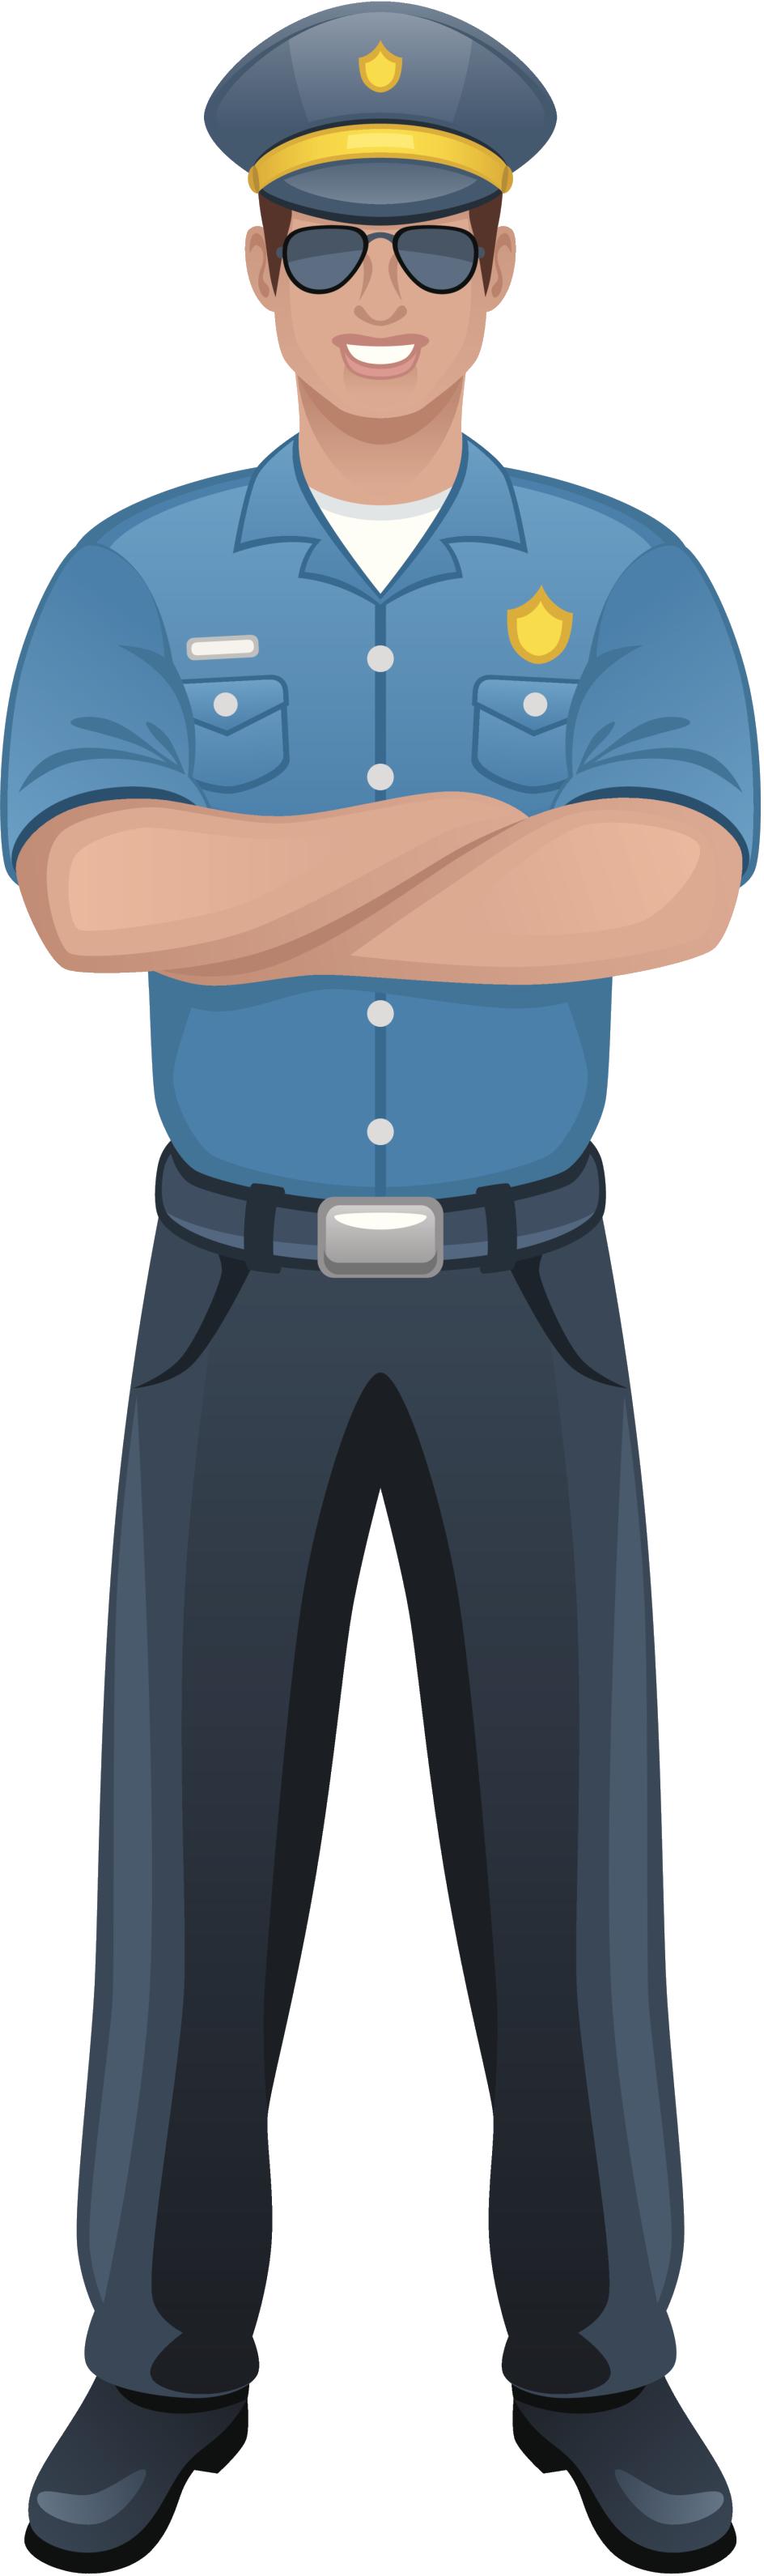 Policeman clip art.